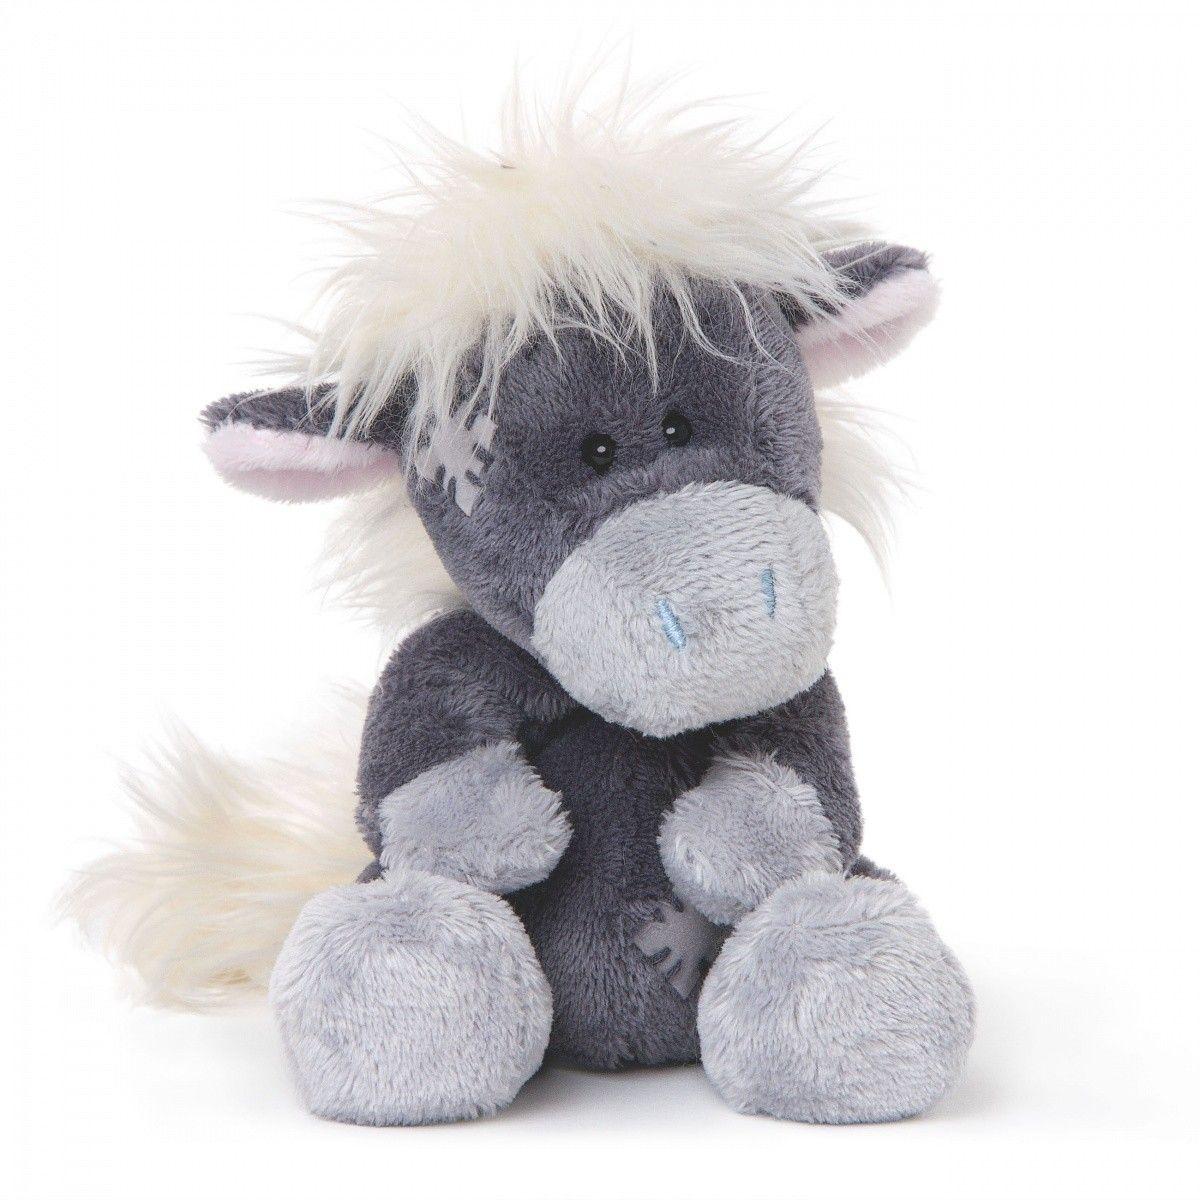 CARTE BLANCHE - My blue nose - Shetlandský poník 10 cm plyšový